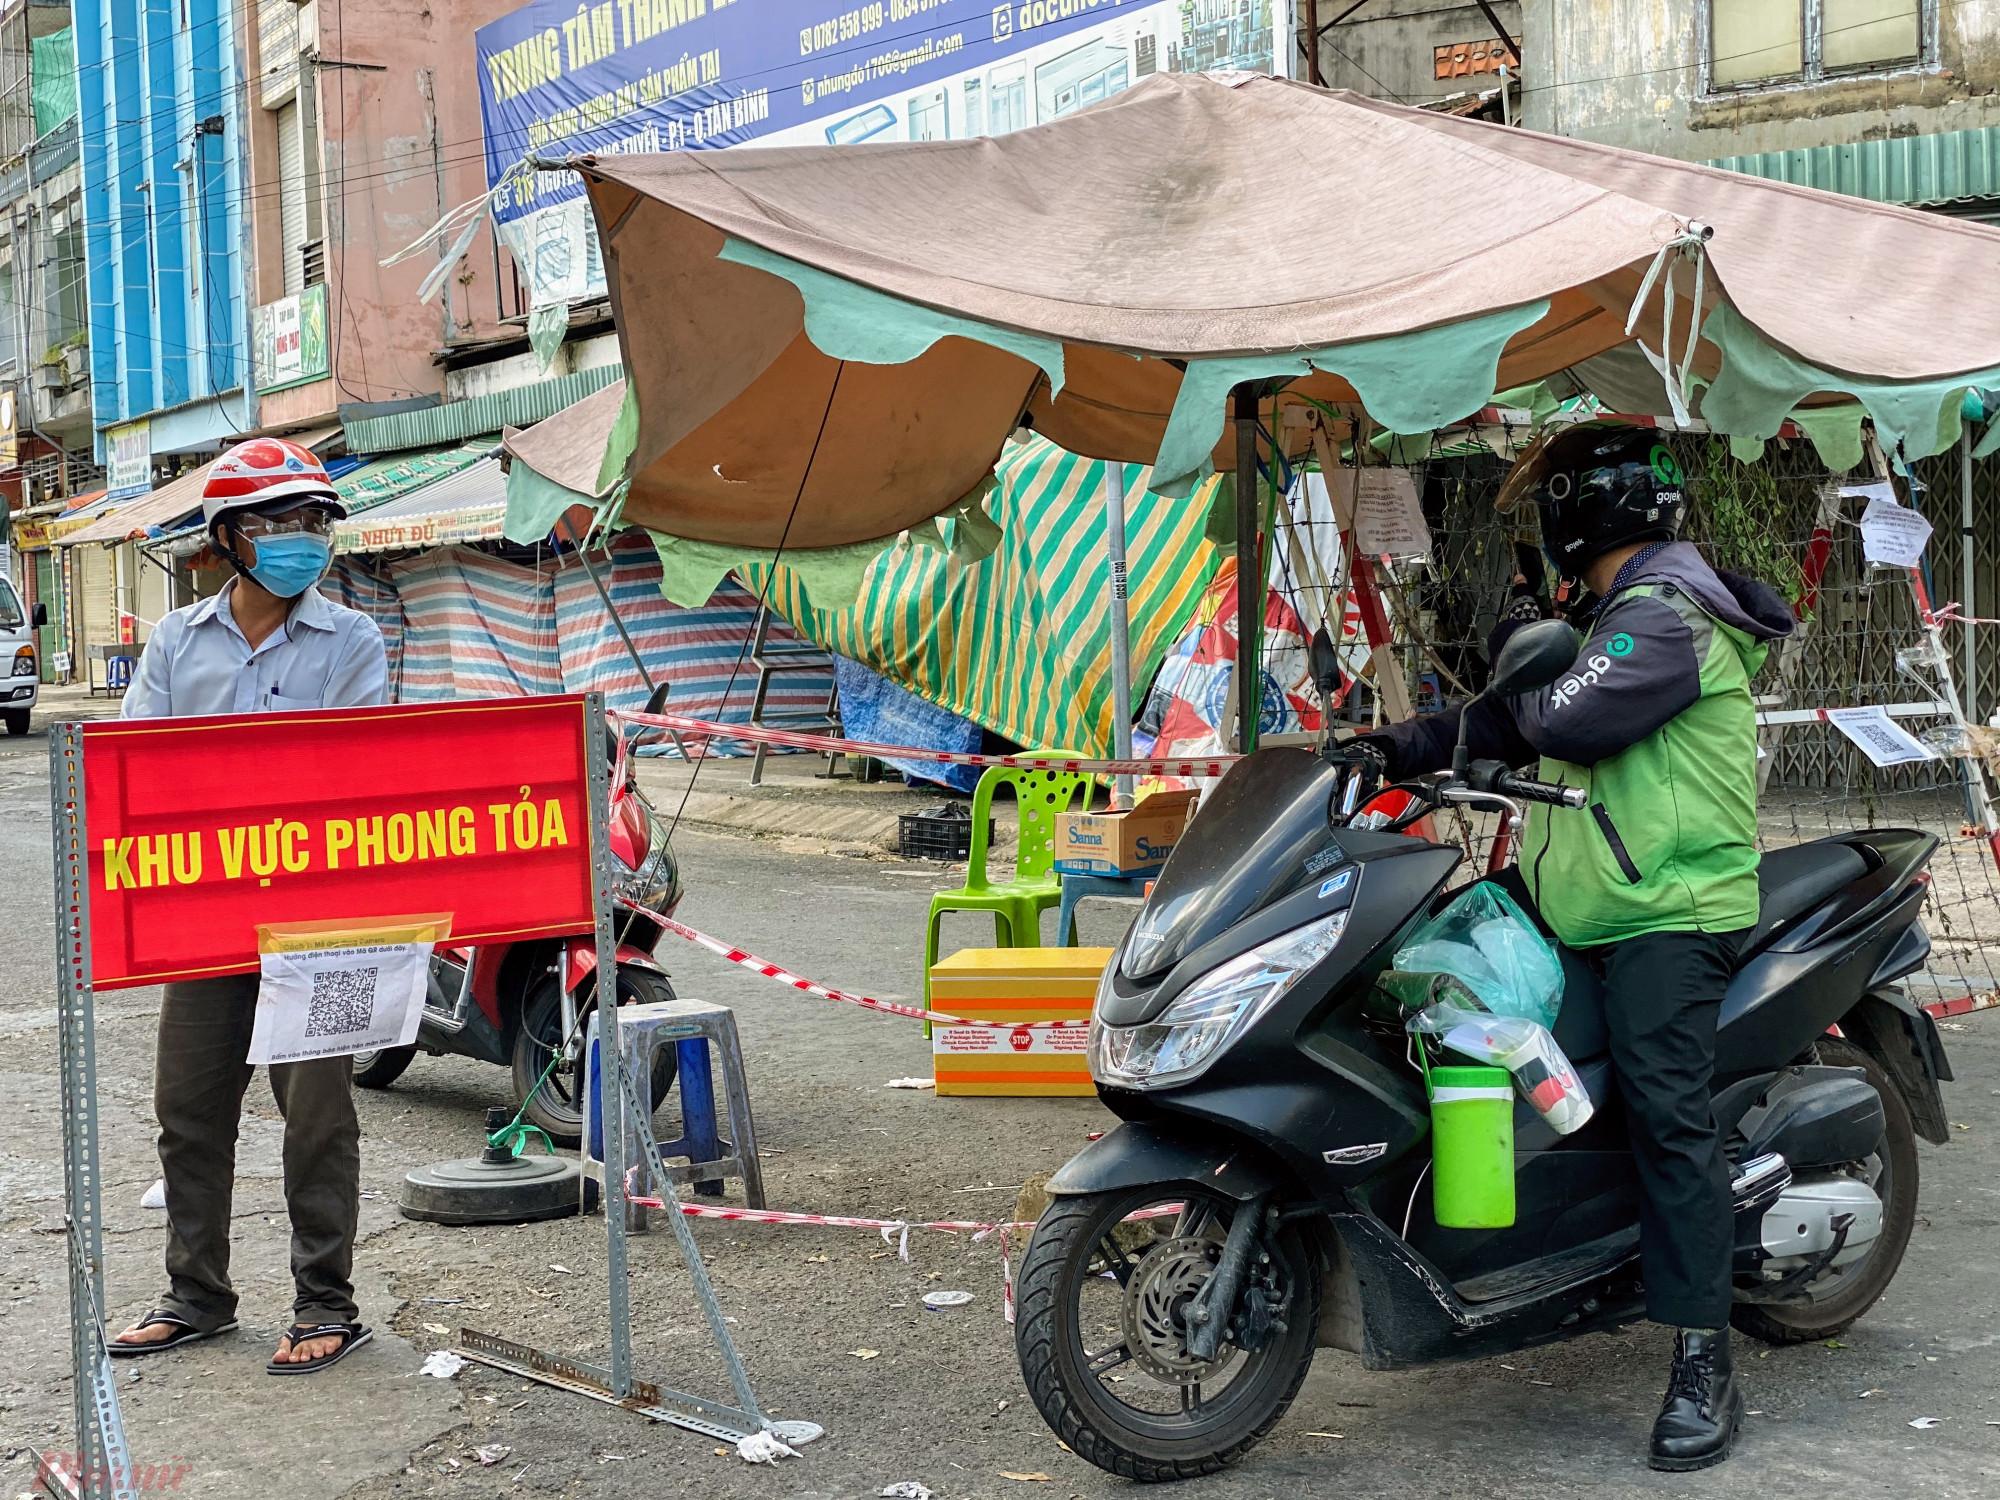 Người  dân ở trong khu vực phong toả vẫn được ra vào khi  cần  thiếtt, riêng  nhưng  người  giao  hàng, hoặc người  liên hệ sẽ  bị từ chối vào khu vực  phong toả cạnh  chợ Phạm Văn Hai.